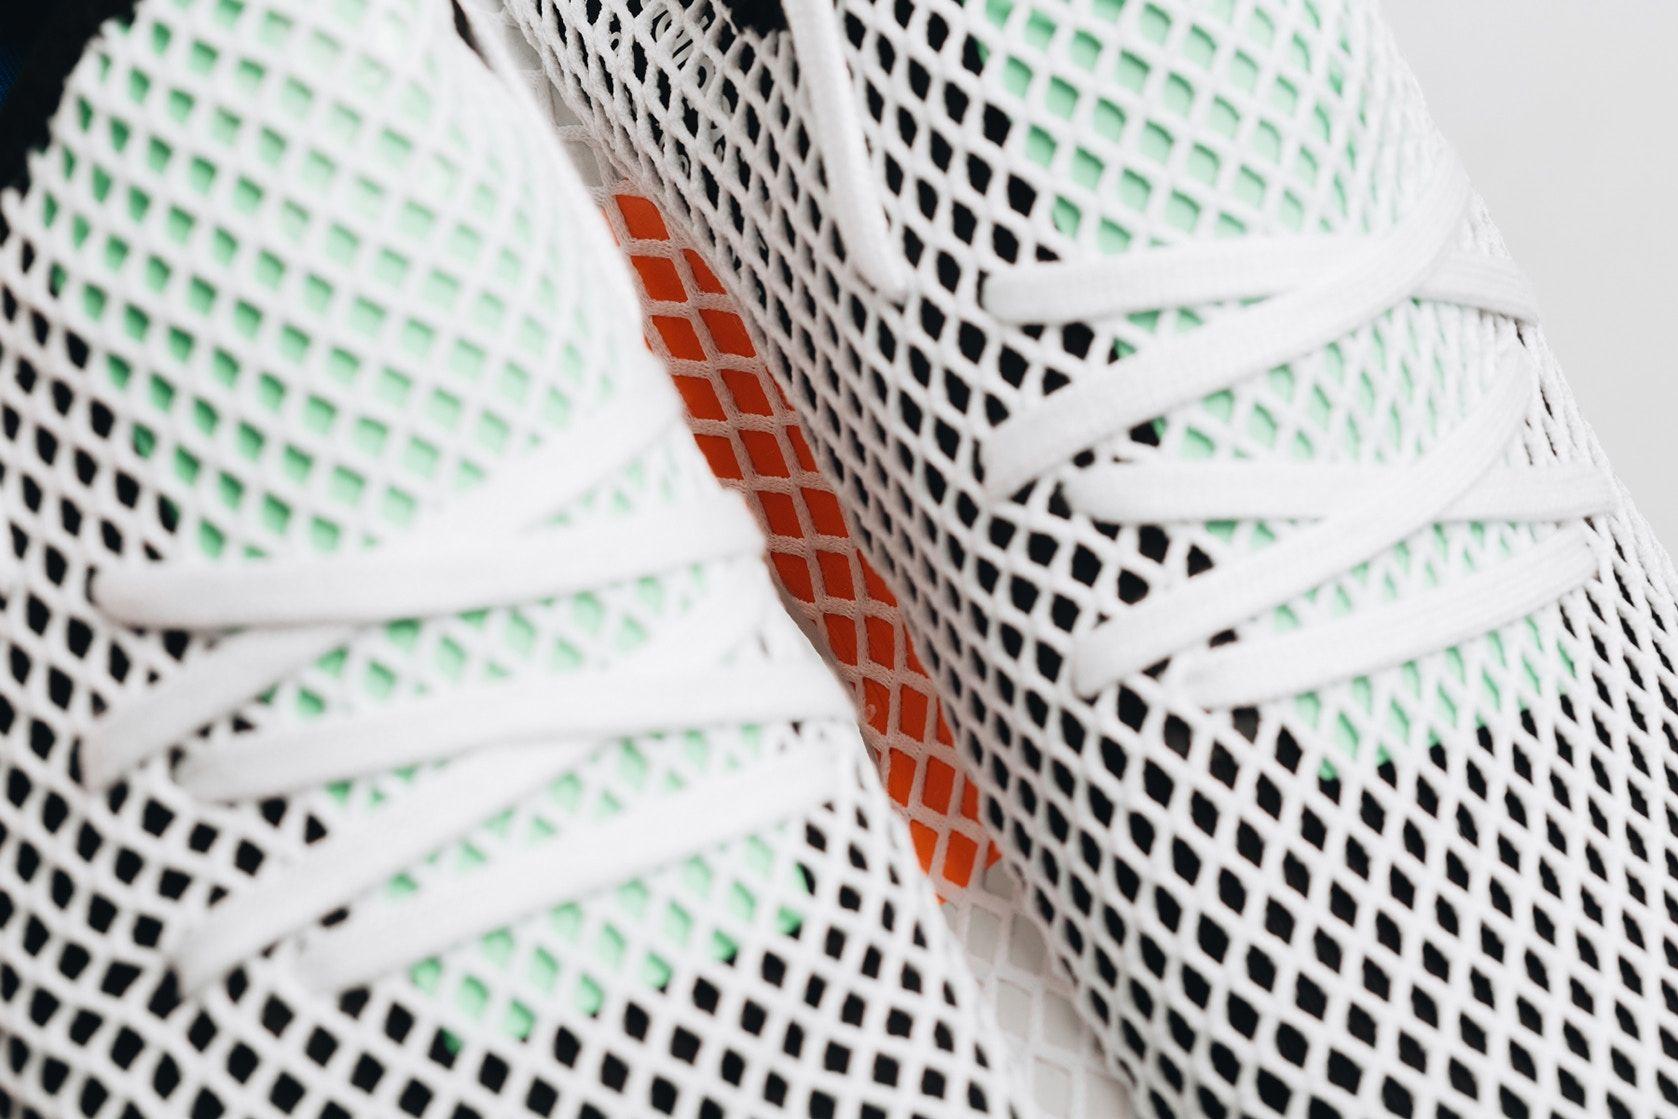 3737baa6e adidas Originals Deerupt Runner Core Black Colorway Closer Look Sneaker  Info Release Date Pricing